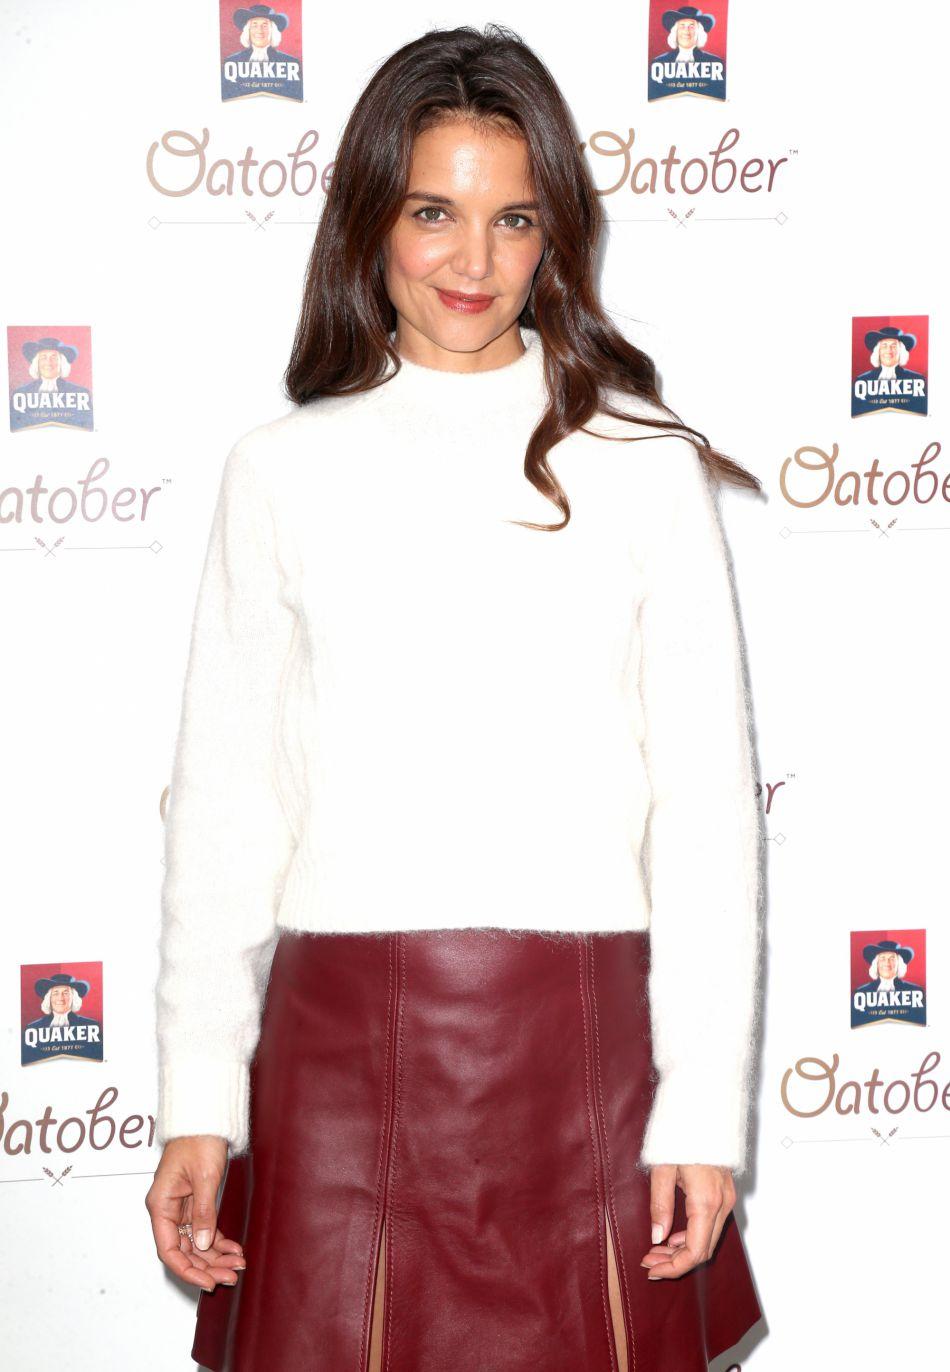 """Katie Holmes, assiste au lancement de la campagne """"Quaker's Oatober"""", le 3 octobre 2016 à New York"""